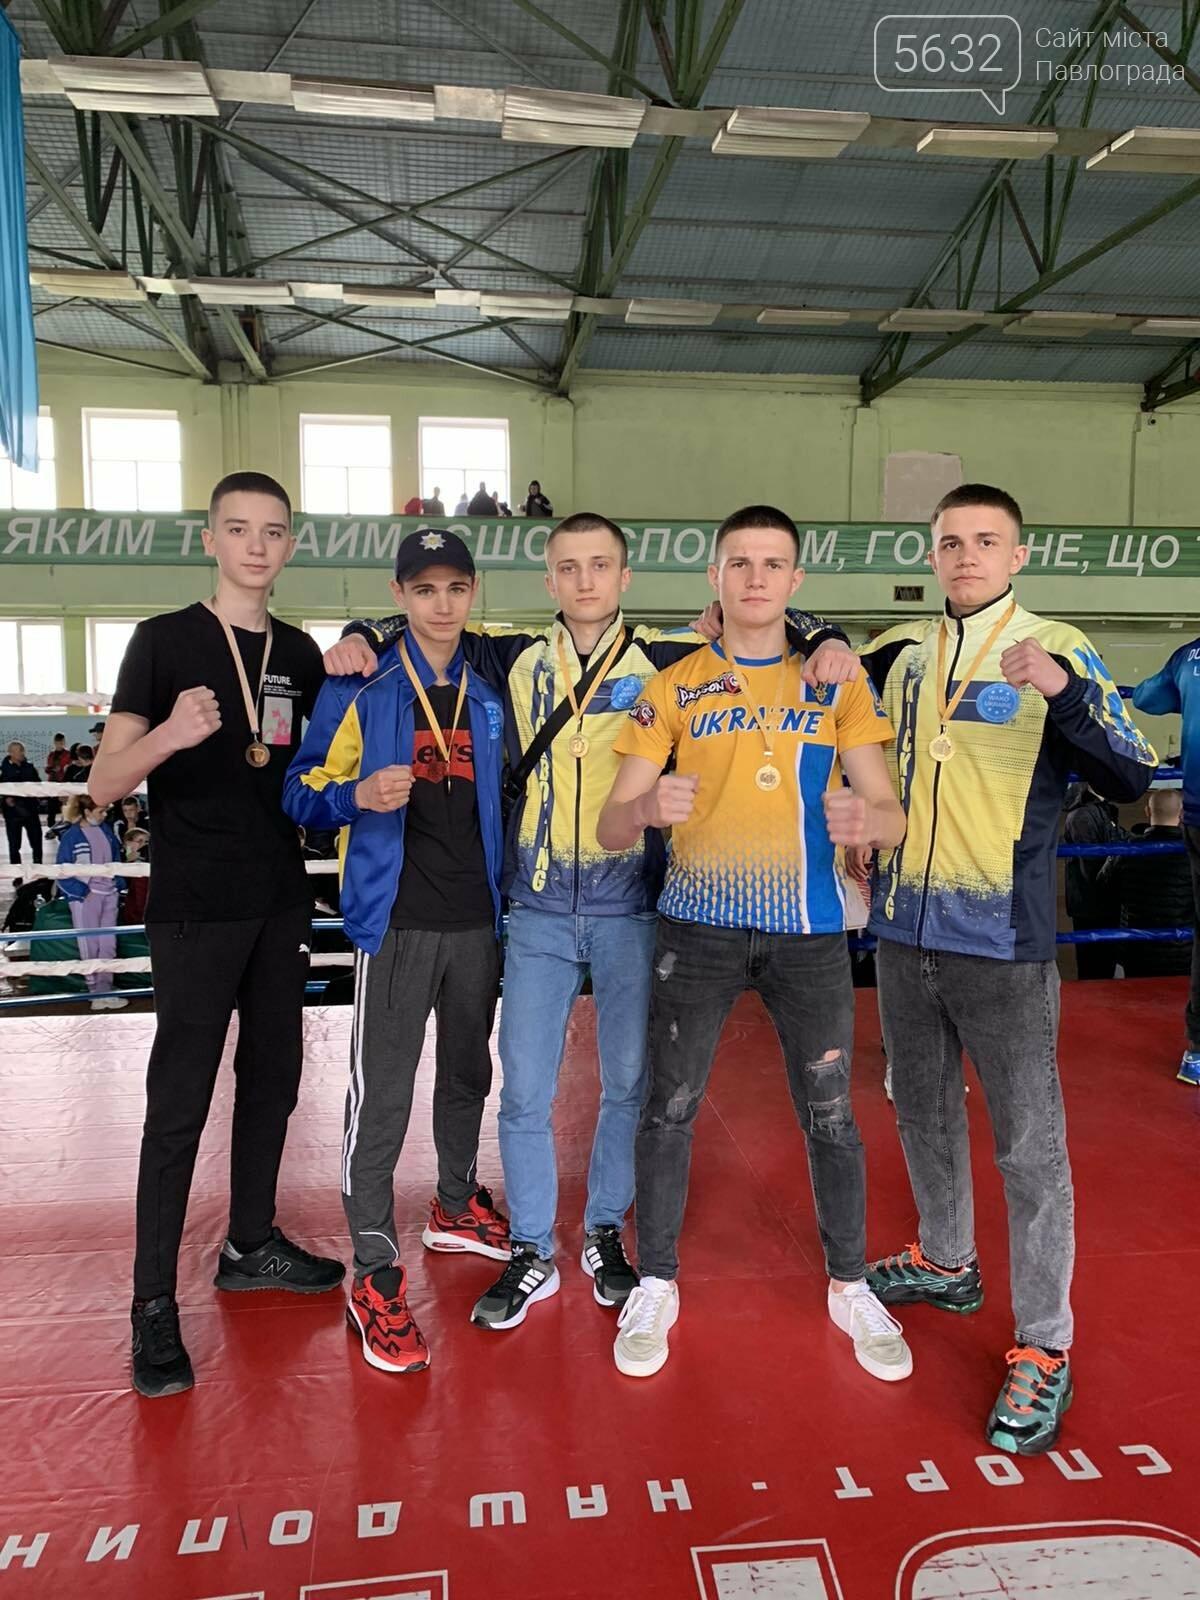 Павлоградские кикбоксеры попали в сборную Украины и поедут на соревнования в Турцию, фото-2